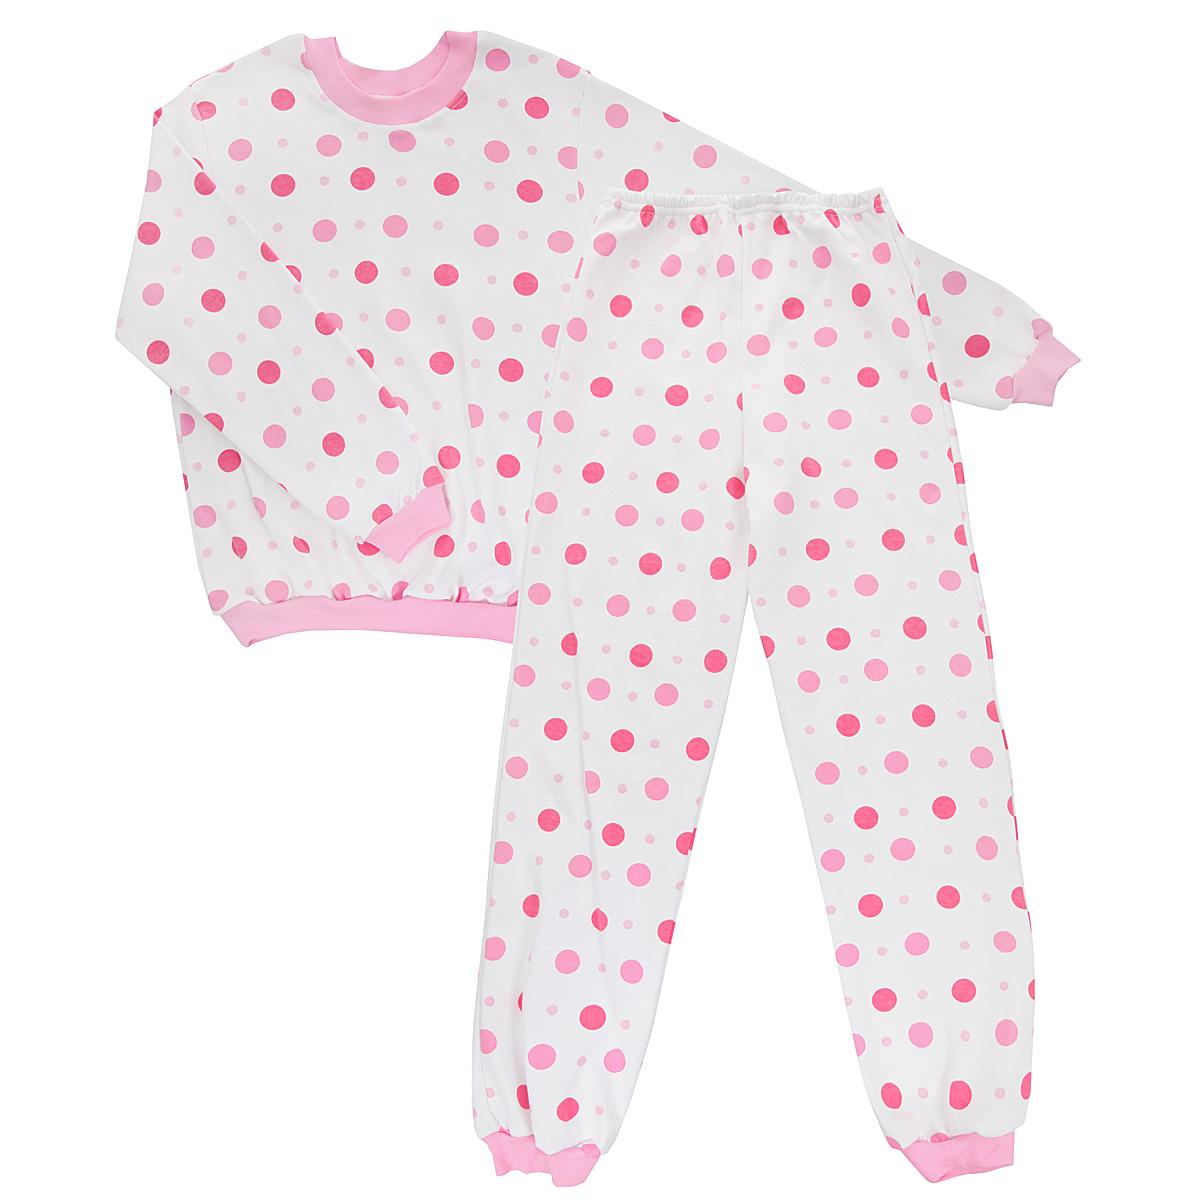 Пижама детская Трон-плюс, цвет: белый, розовый. 5555_горох. Размер 80/86, 1-2 года5555_горохУютная детская пижама Трон-плюс, состоящая из джемпера и брюк, идеально подойдет вашему ребенку и станет отличным дополнением к детскому гардеробу. Изготовленная из интерлока, она необычайно мягкая и легкая, не сковывает движения, позволяет коже дышать и не раздражает даже самую нежную и чувствительную кожу ребенка. Трикотажный джемпер с длинными рукавами имеет круглый вырез горловины. Низ изделия, рукава и вырез горловины дополнены эластичной трикотажной резинкой.Брюки на талии имеют мягкую резинку, благодаря чему не сдавливают живот ребенка и не сползают. Низ брючин дополнен широкими манжетами.Оформлено изделие оригинальным принтом в горох. В такой пижаме ваш ребенок будет чувствовать себя комфортно и уютно во время сна.